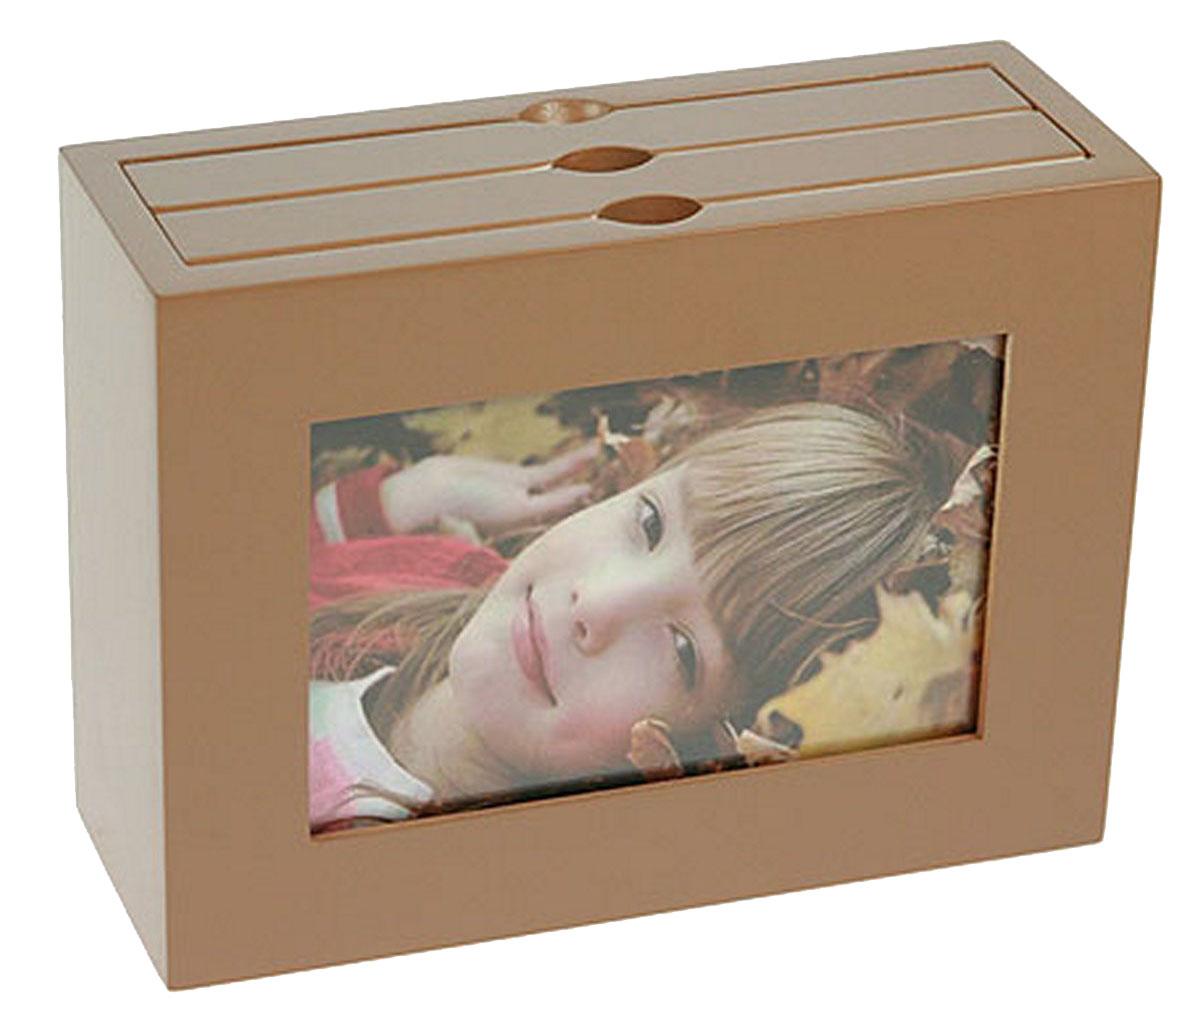 Архивный фотоальбом Moretto, на 48 фото, 10 x 15 см. 13804712584 WF-1073/584_оранжевыйОригинальный архивный фотоальбом Moretto, рассчитанный на 48 фотографий, выполнен в виде деревянного бокса. Бокс содержит 2 альбома, каждый из которых рассчитан на 24 фотографии форматом 10 х 15 см, а также имеет отверстие для центральной фотографии.Такой архивный альбом станет достойным украшением вашего интерьера и будет уникальным подарком вашим друзьям.